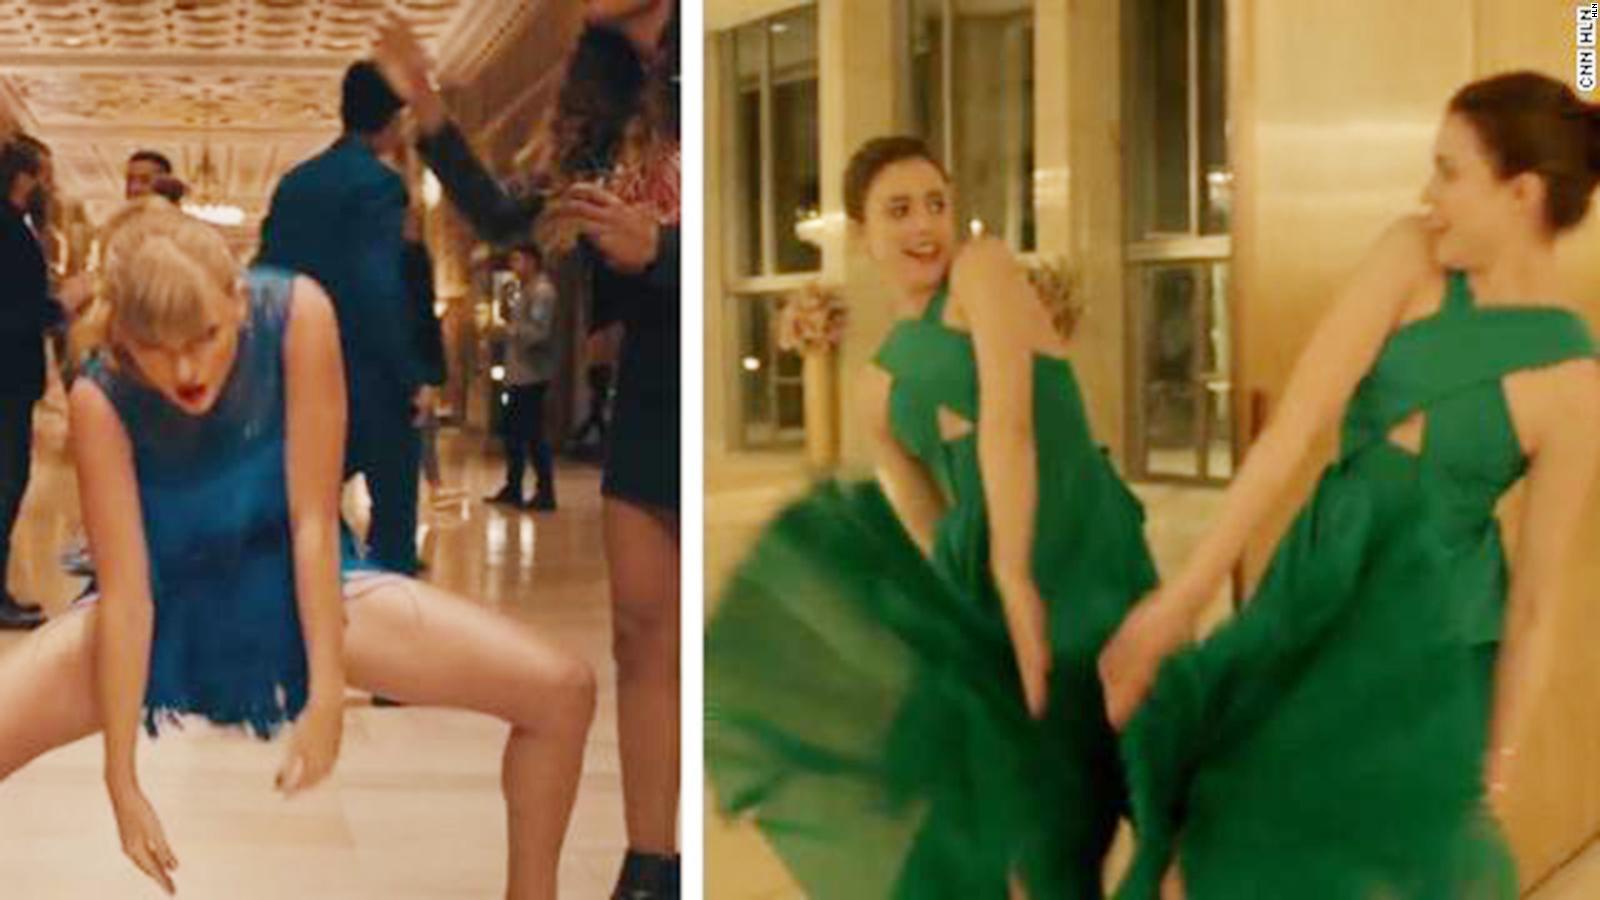 Taylor Swift Gets Backlash Over Dance Moves Cnn Video